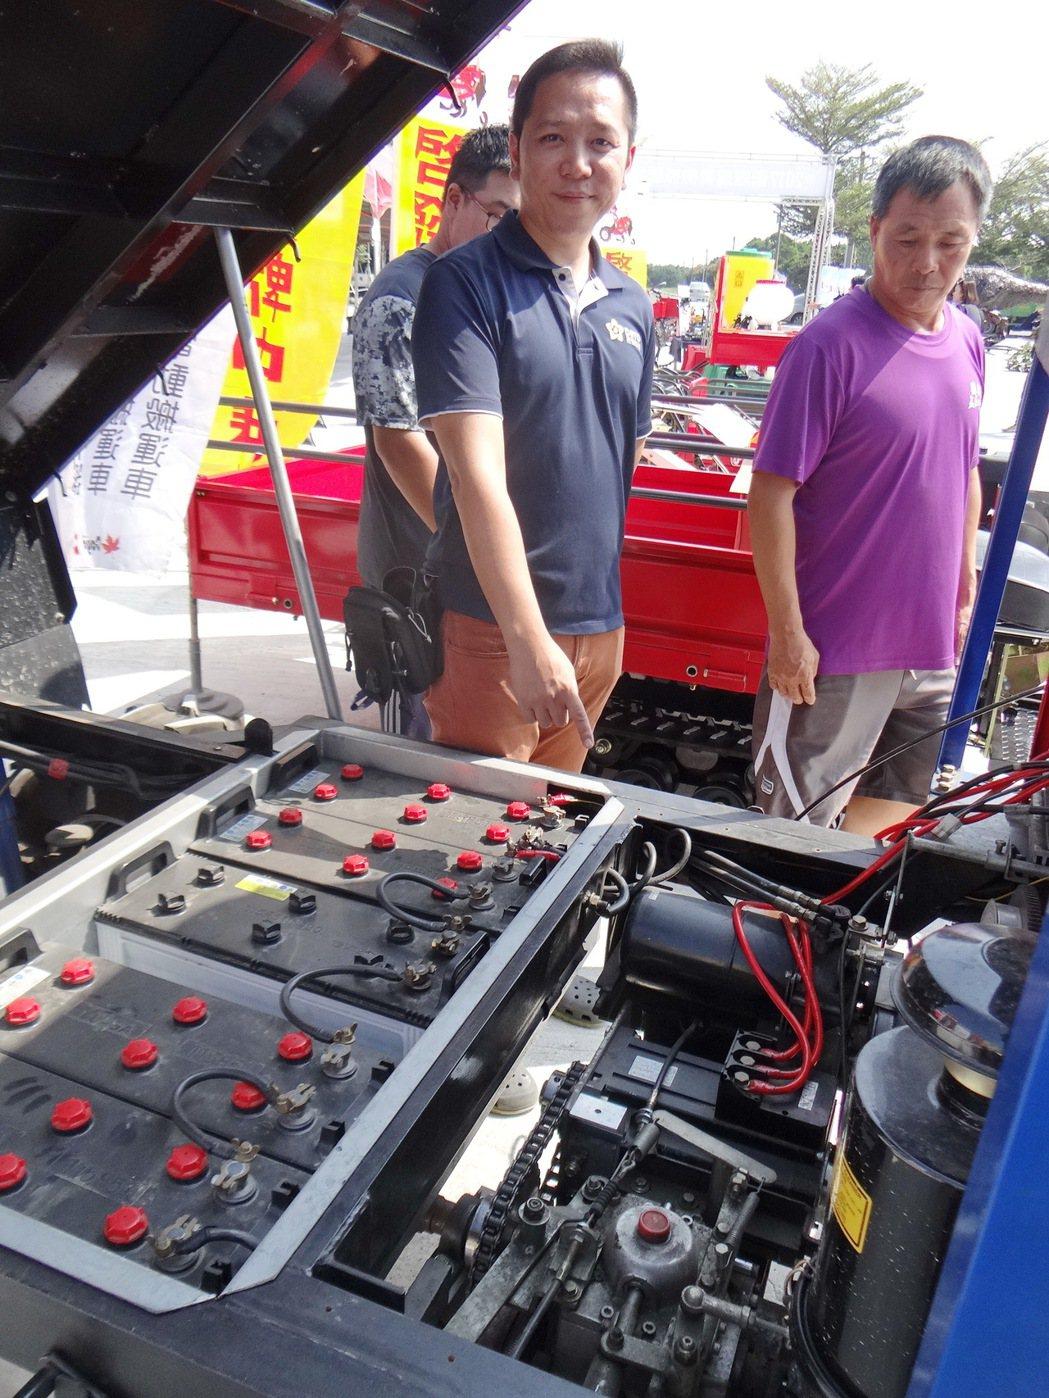 農機也走環保風,業者推出減碳的油電混合農機車。記者蔡維斌/攝影